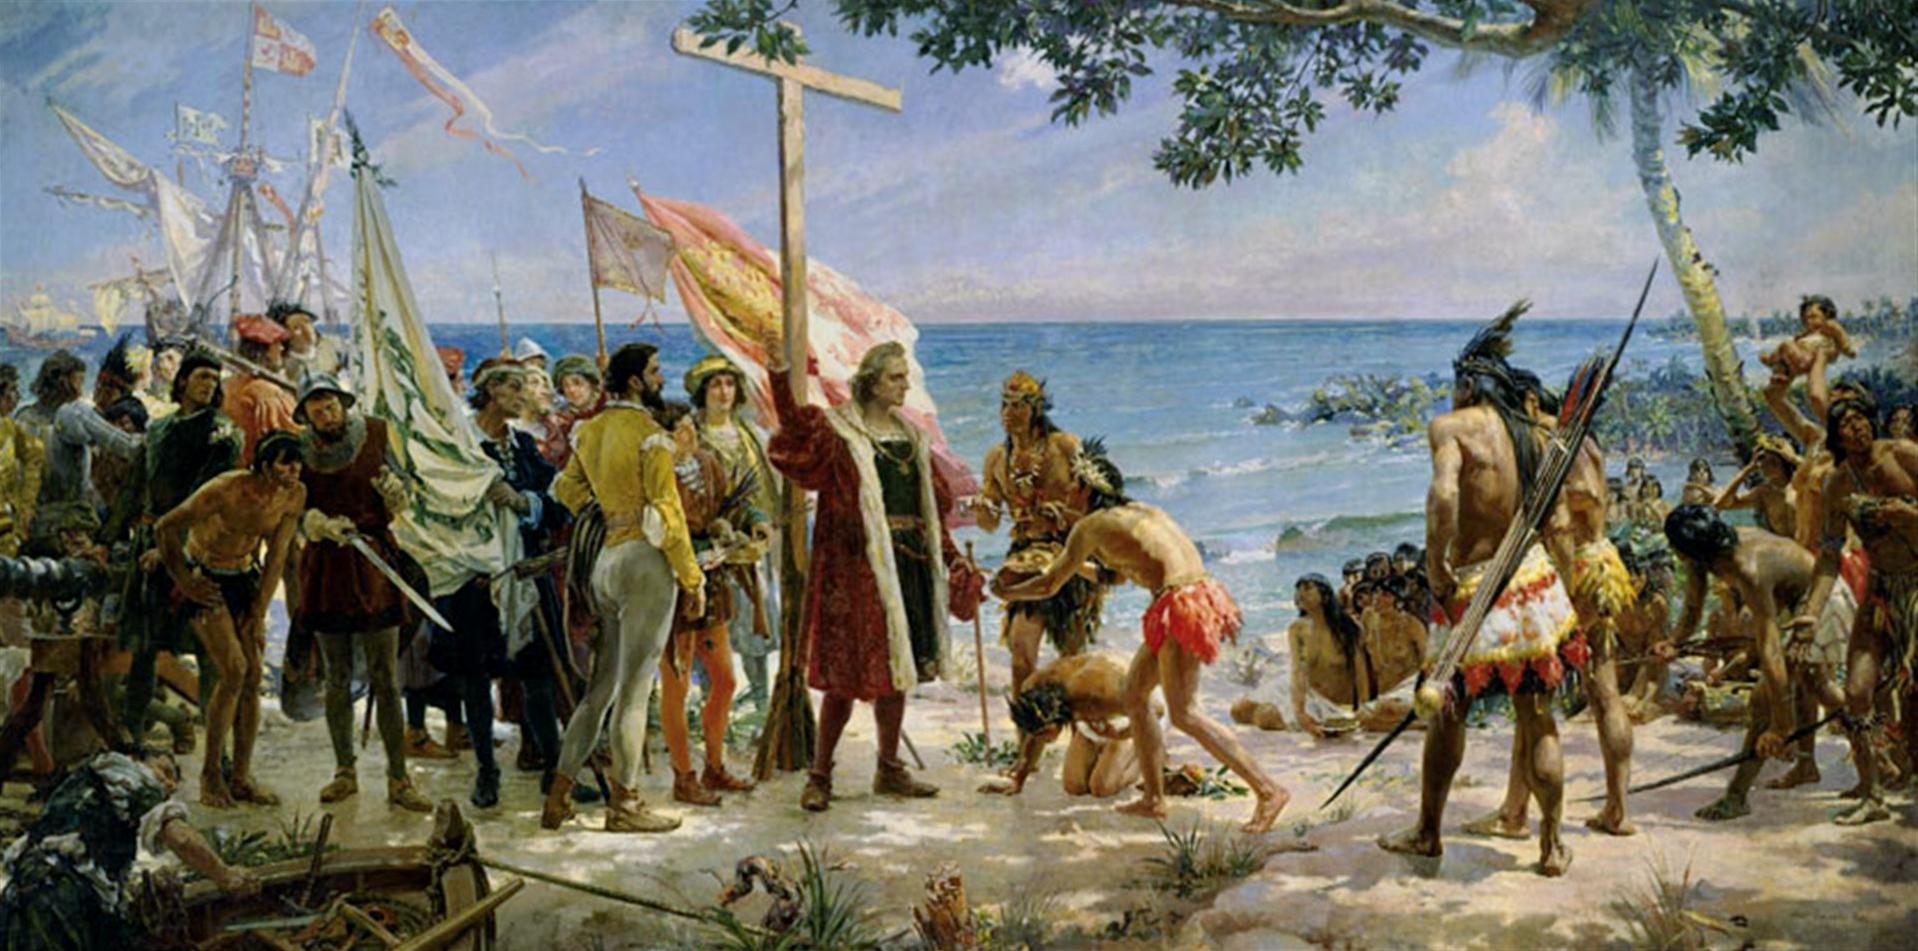 EE.UU. devolvió al Vaticano la carta de Colón de 1493: qué decía y ...